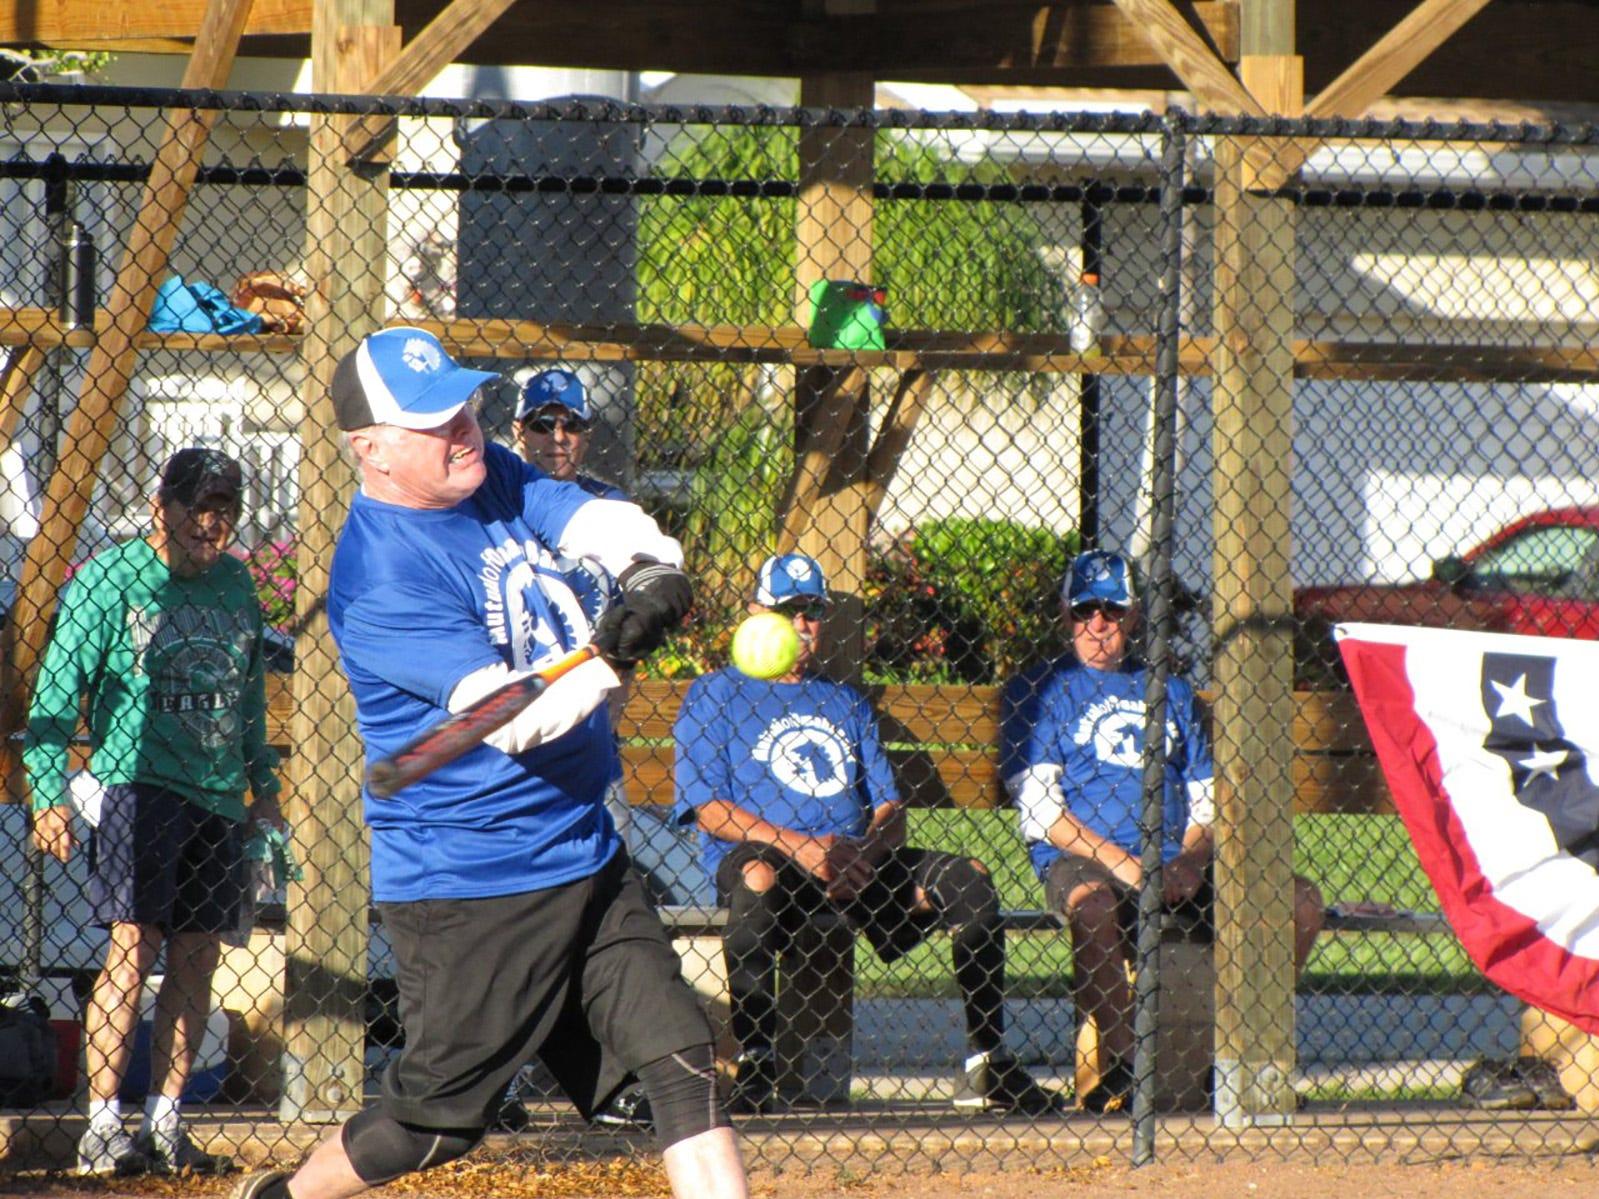 Senior Softball: DaVinci's, Mutual of Omaha Bank, Salty Dogundefeated